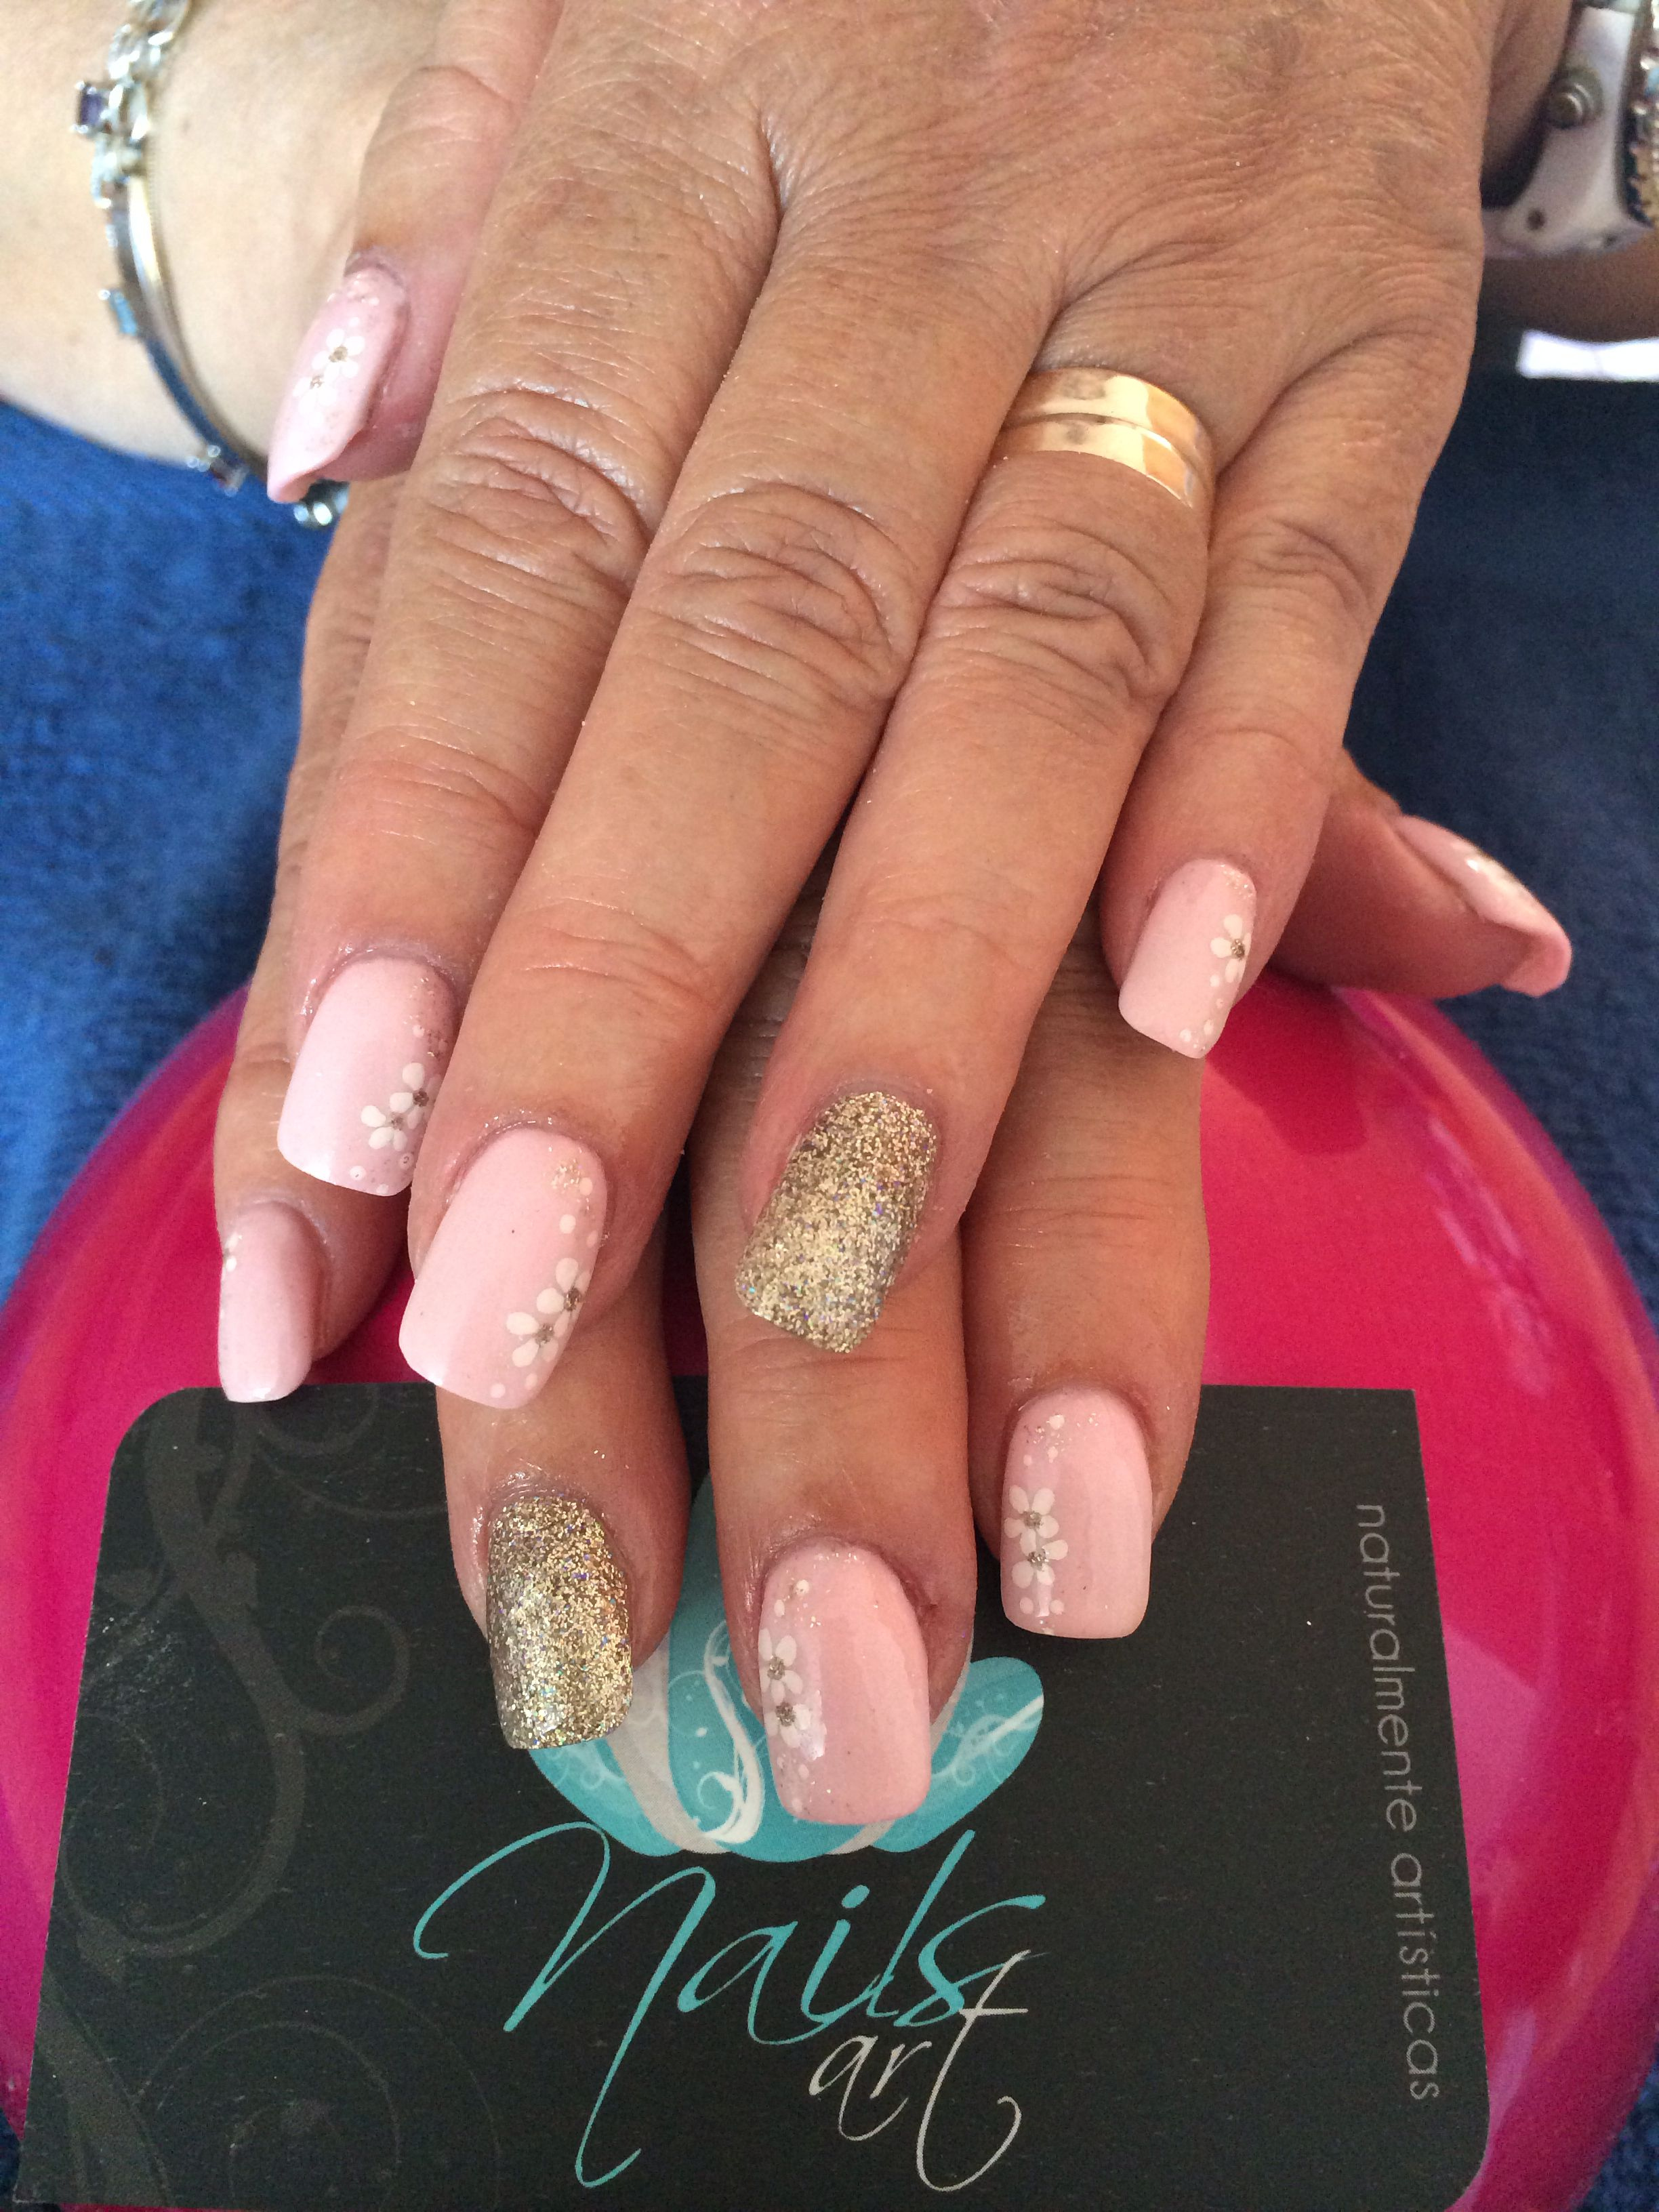 Nails Art acrylic nails Nails Pinterest French nails Makeup